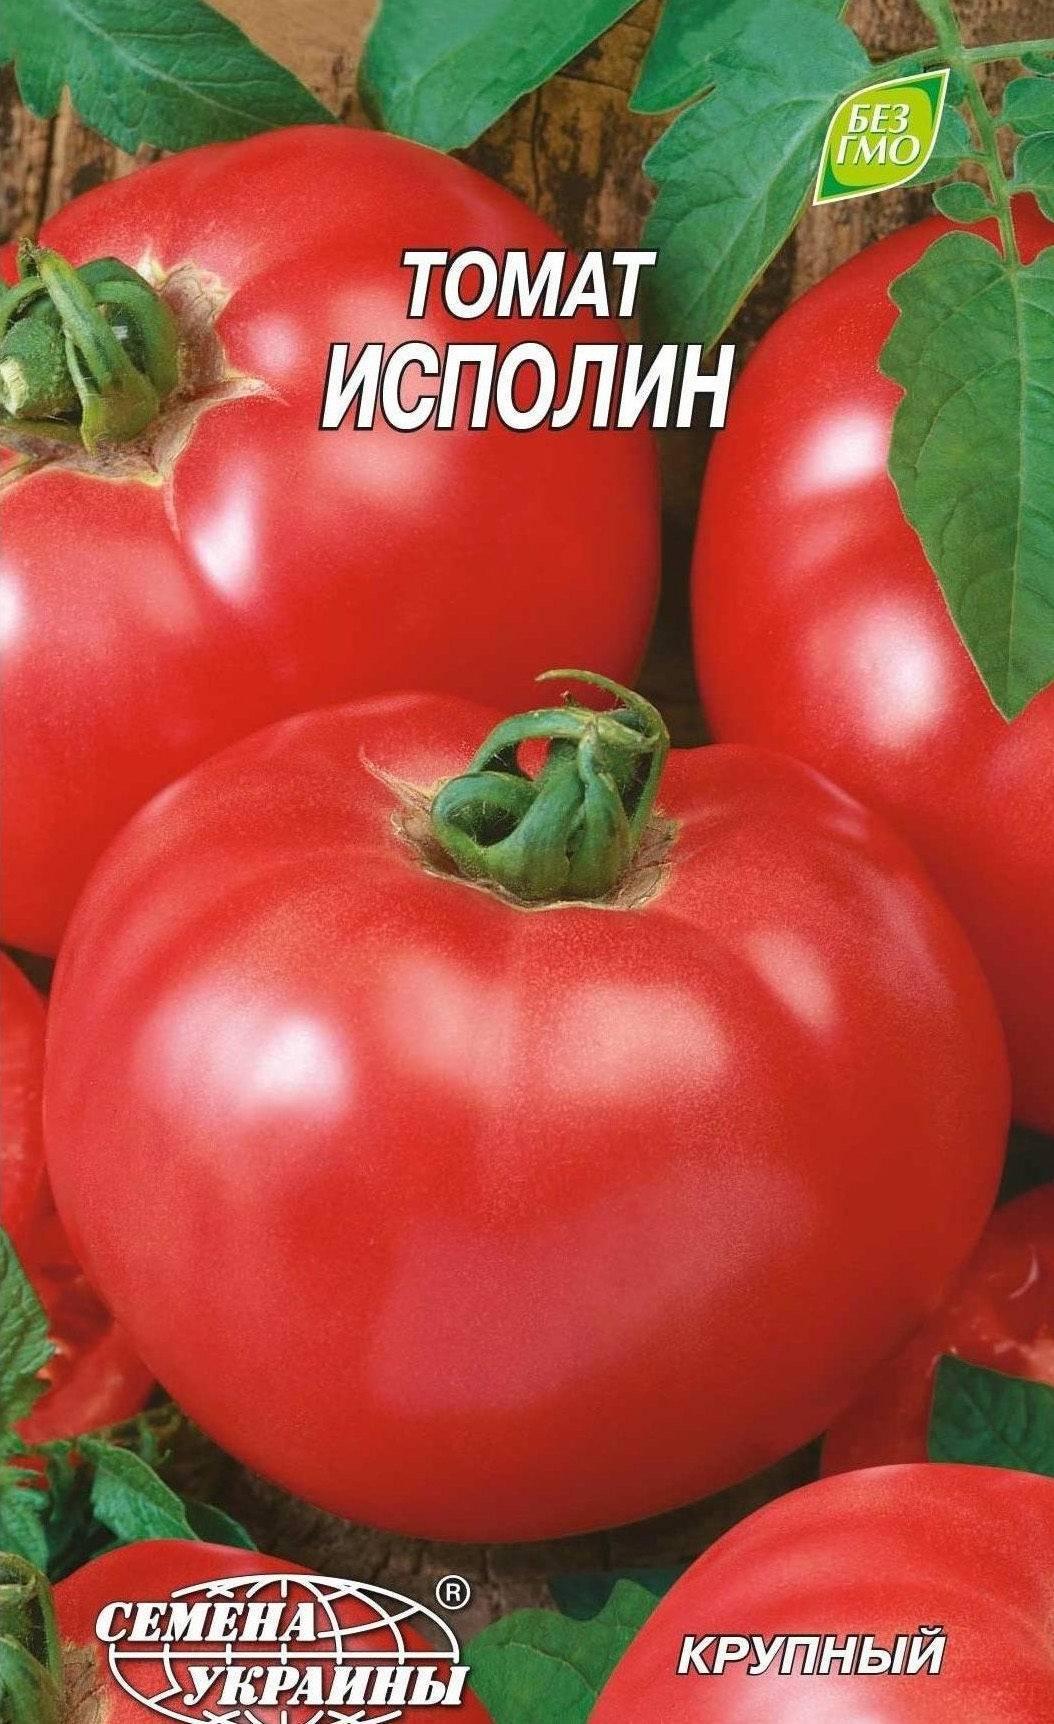 Томат «исполин малиновый» – отличный сорт крупноплодных помидоров